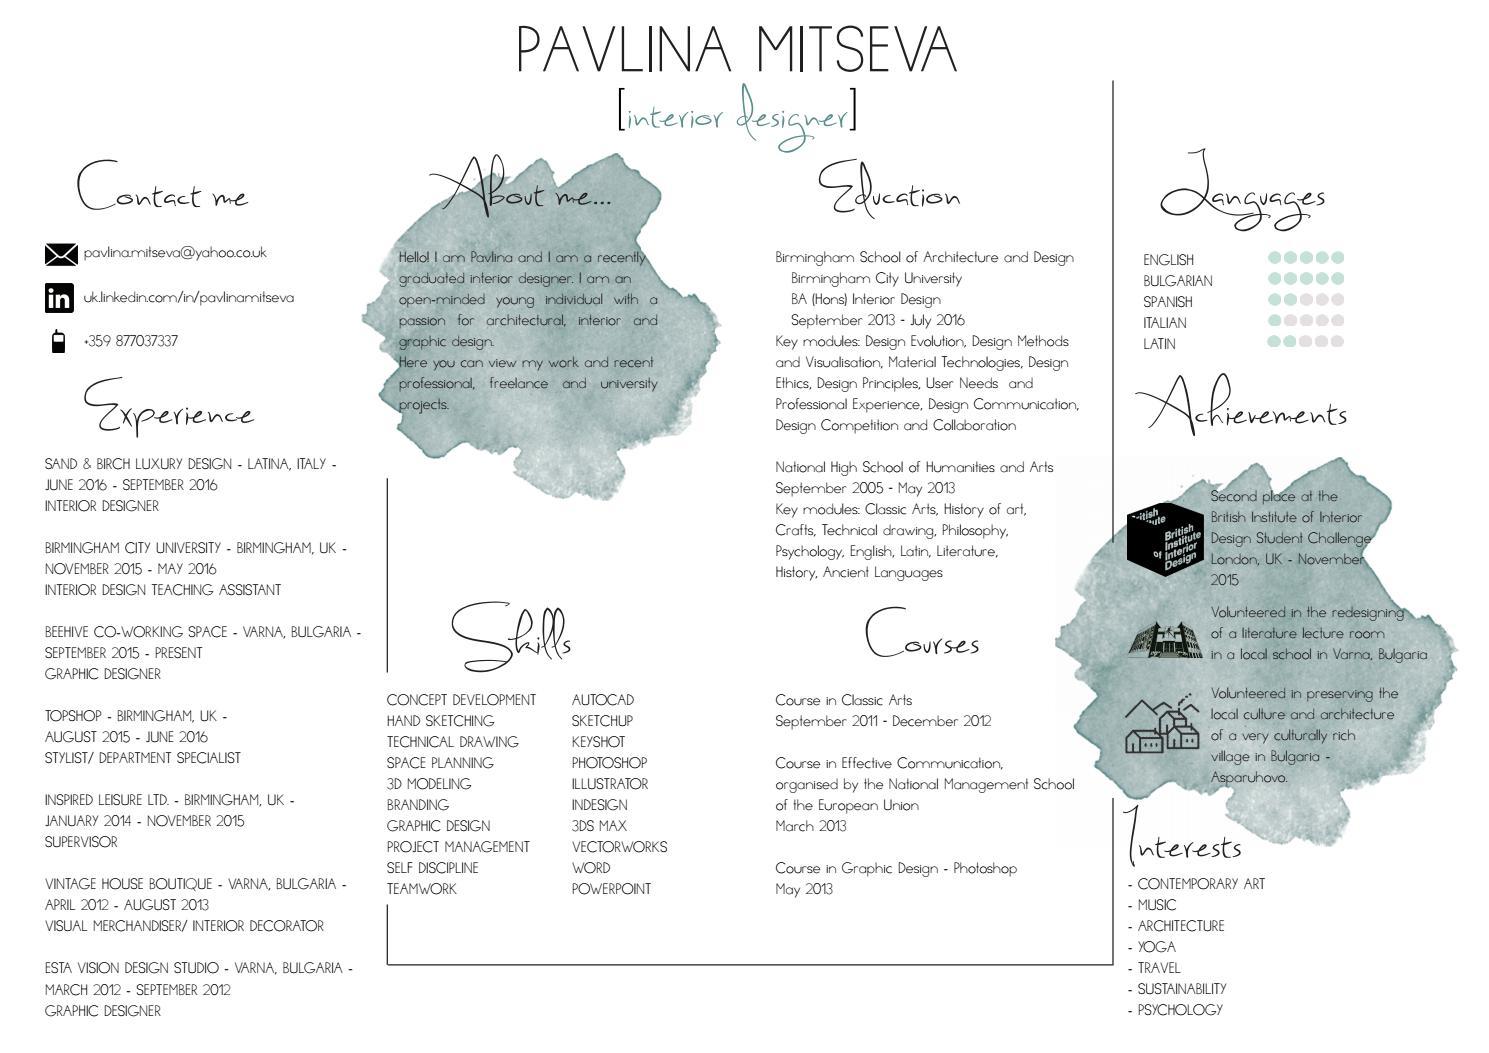 Pavlina Mitseva Interior Design Portfolio By Pavlina Mitseva Issuu